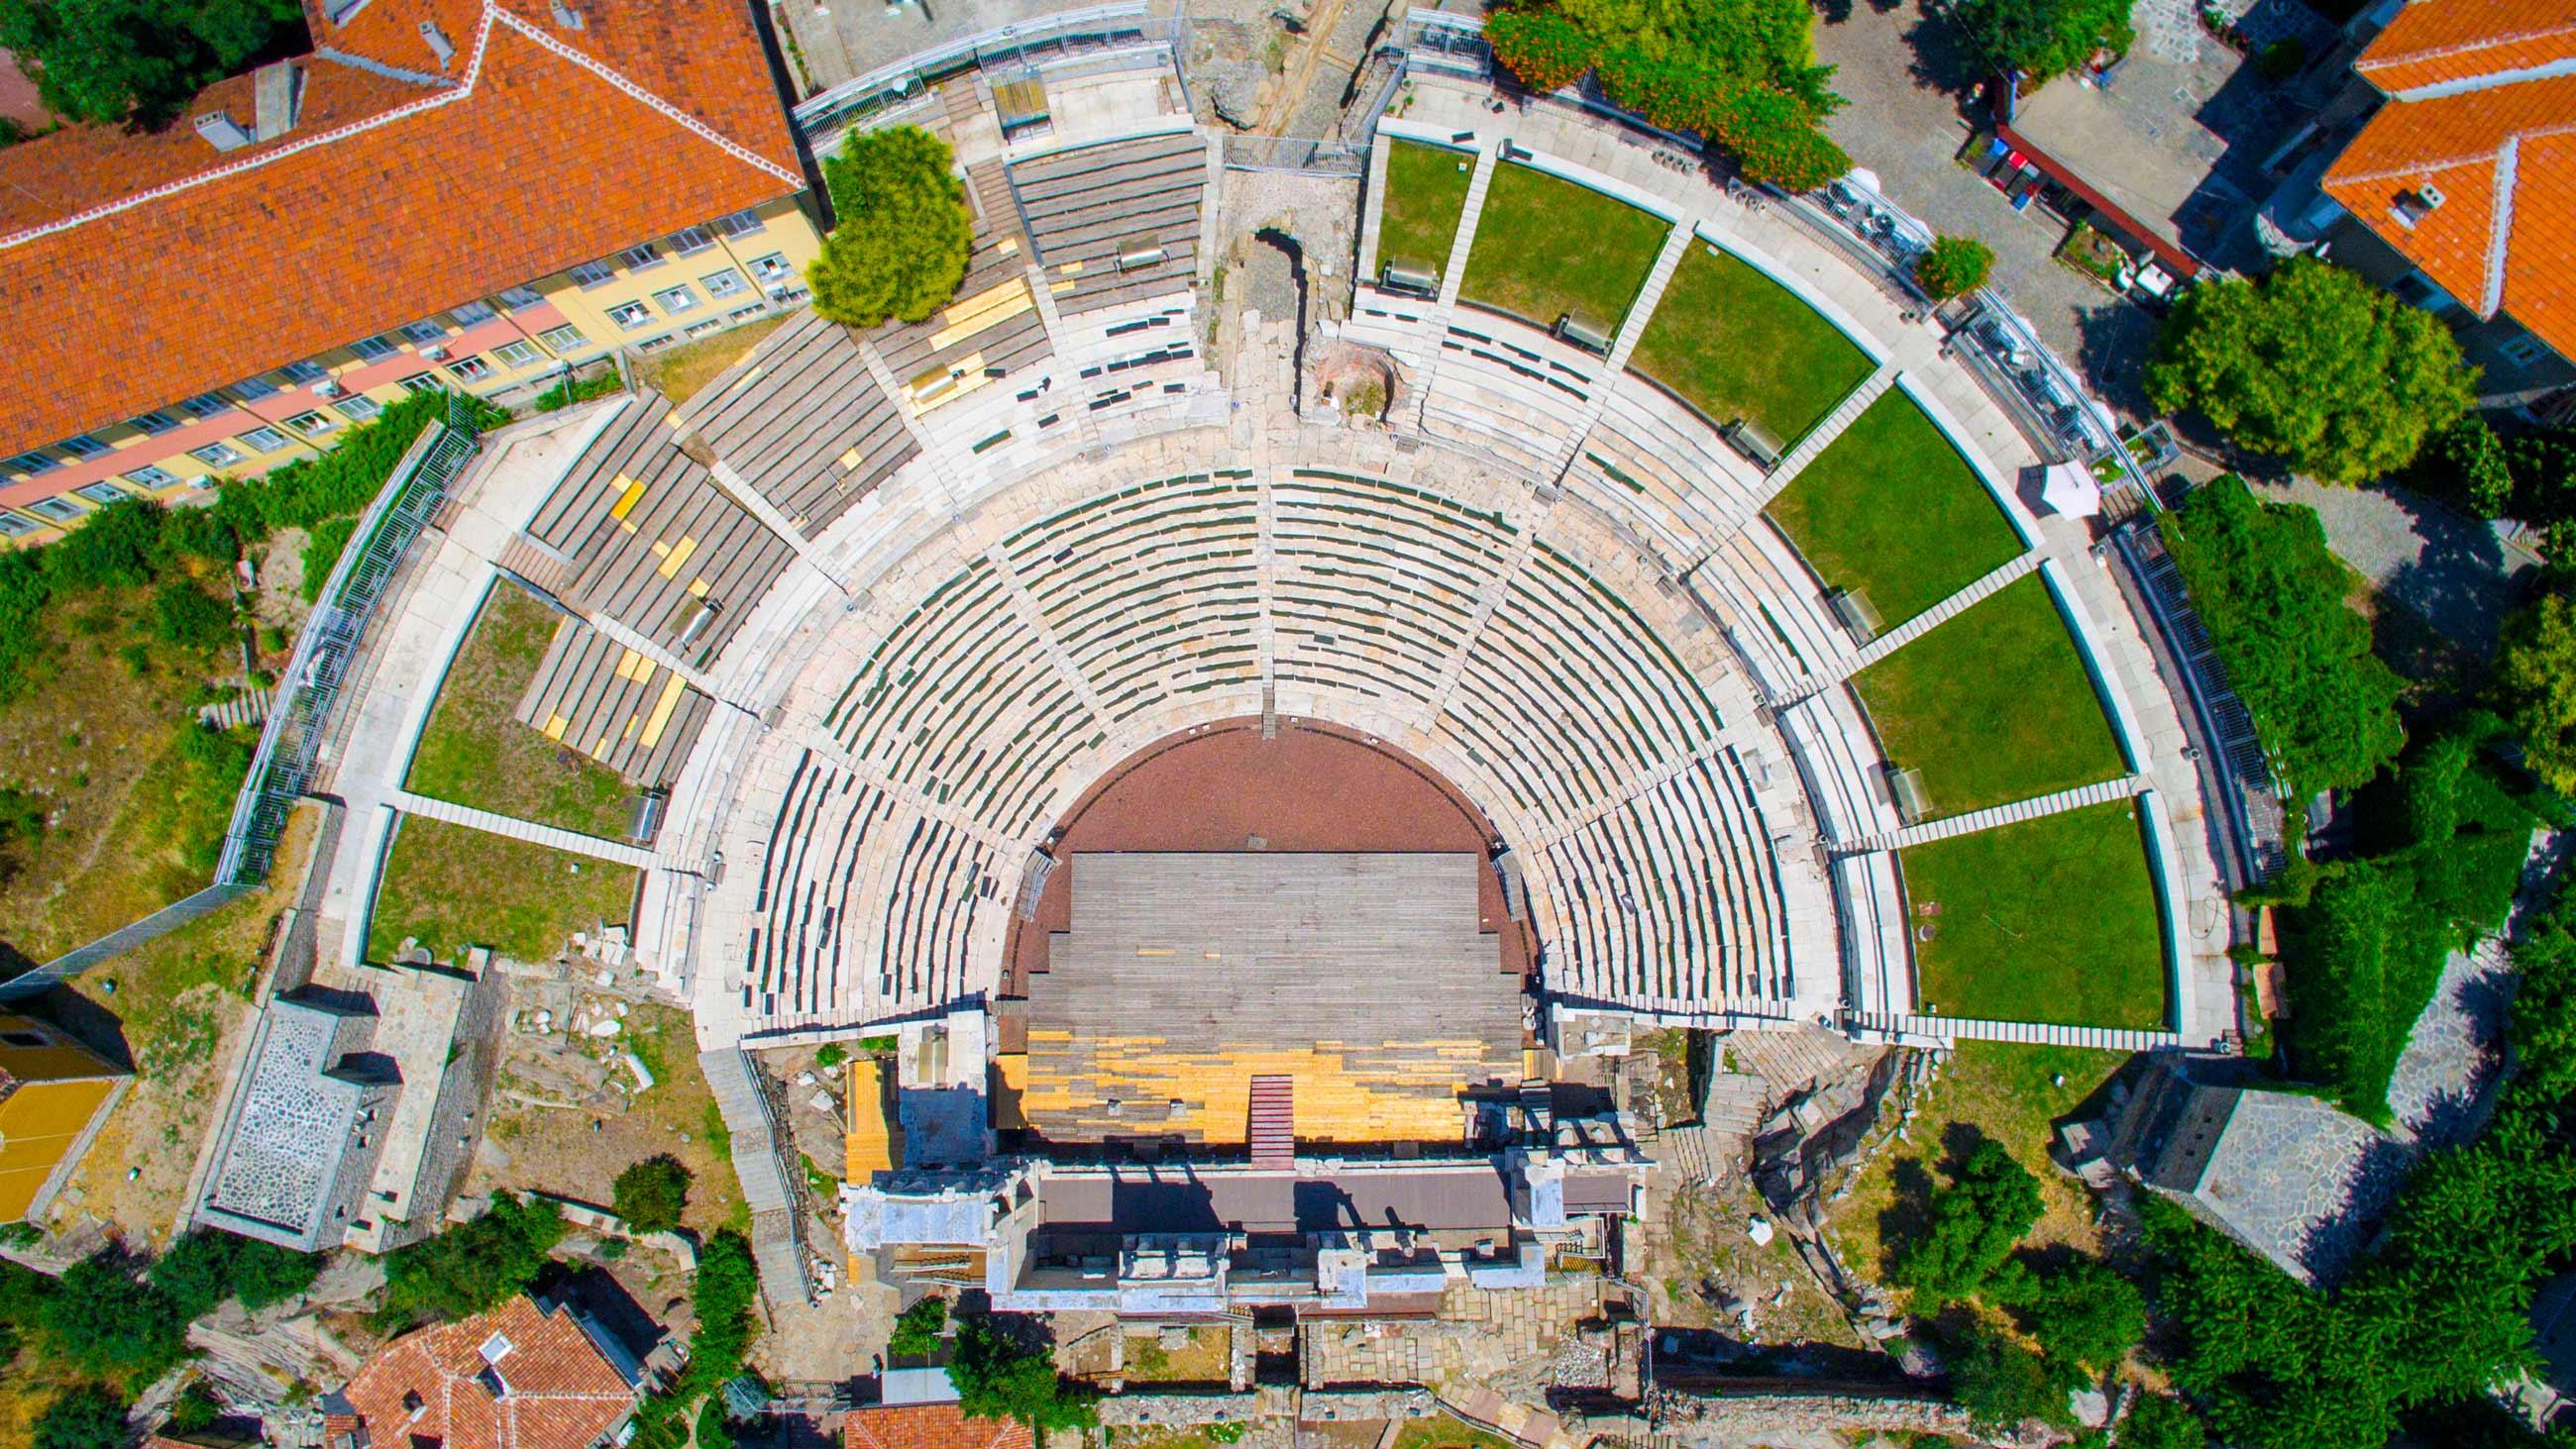 Заснемане с дрон Античен стадион пловдив